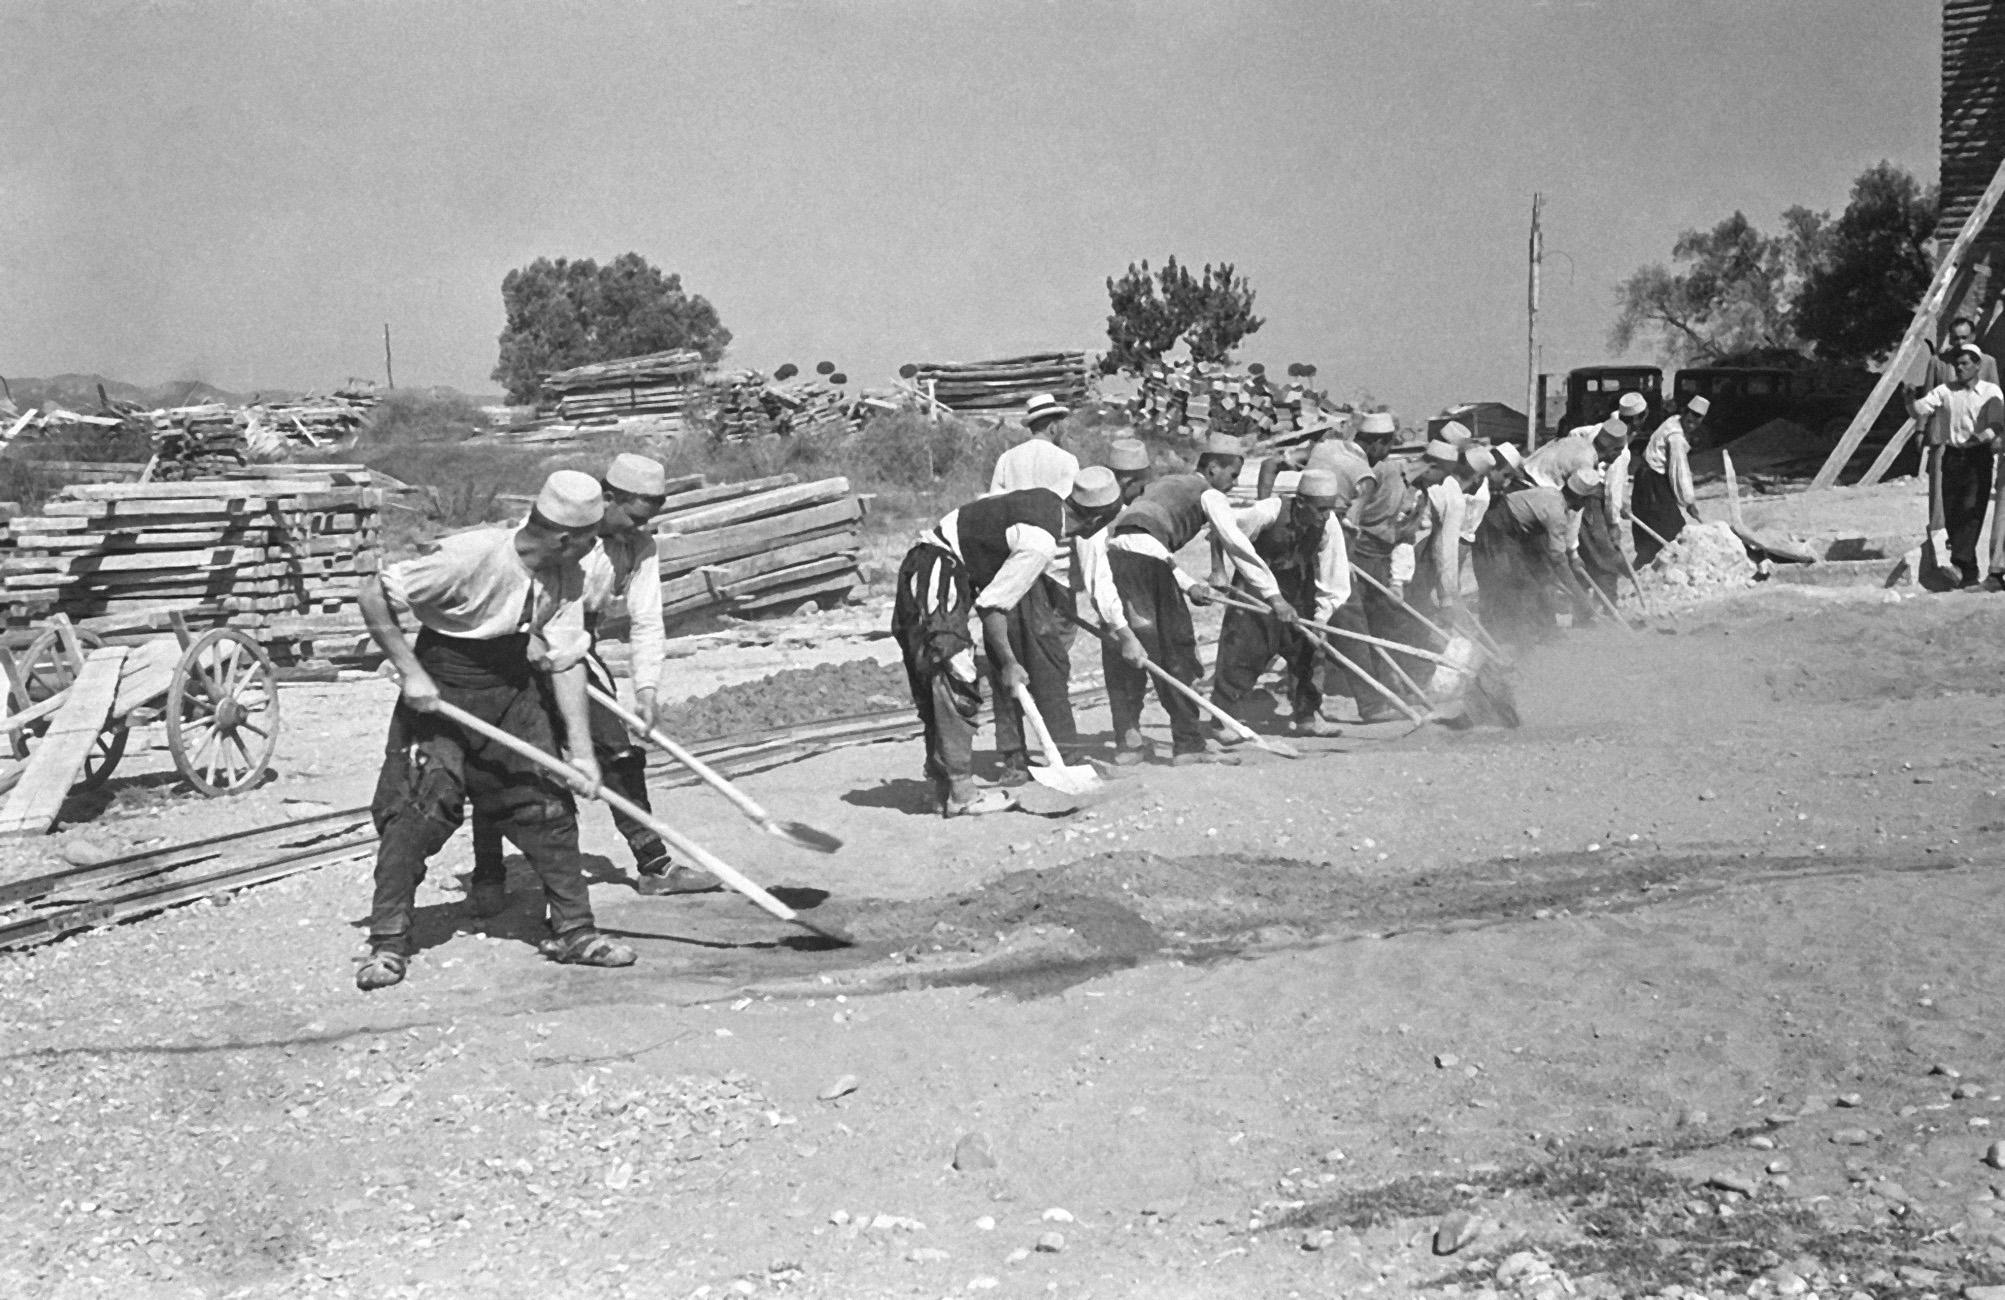 Reparto Albania 1939 1943 Archivio Storico Istituto Luce